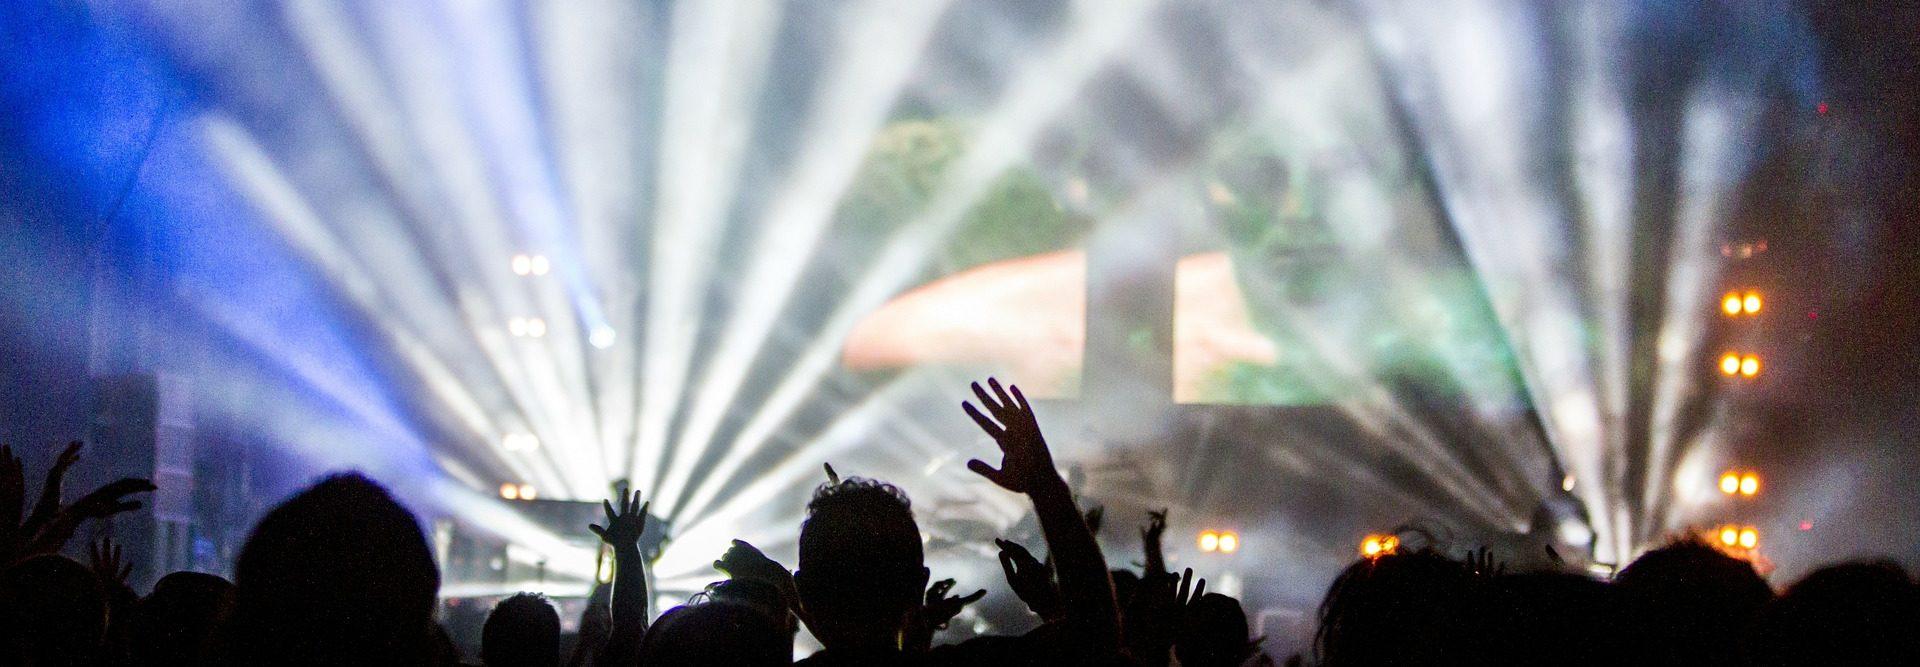 Какие проходят фестивали летом 2020